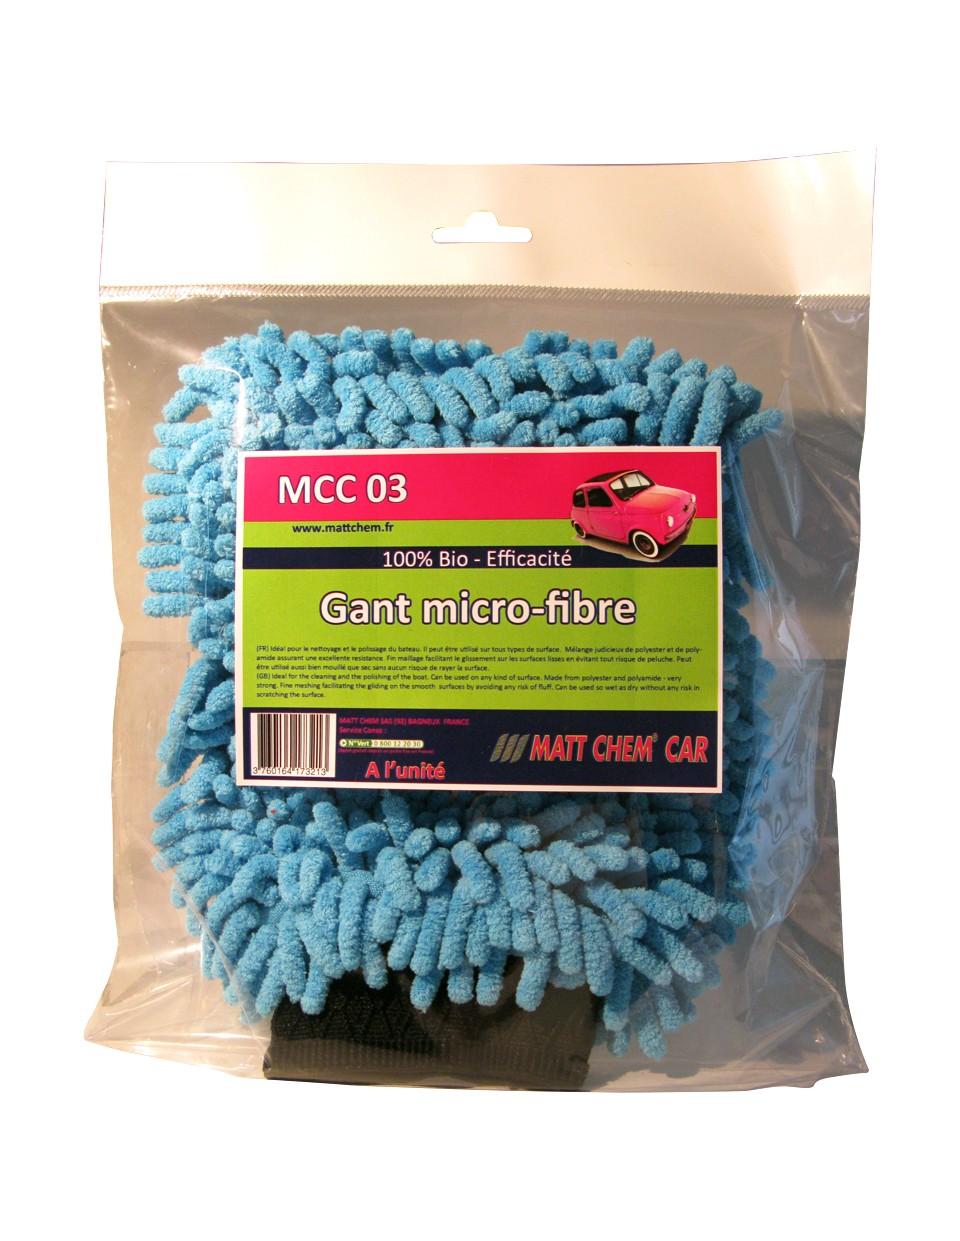 M.C.C. 03